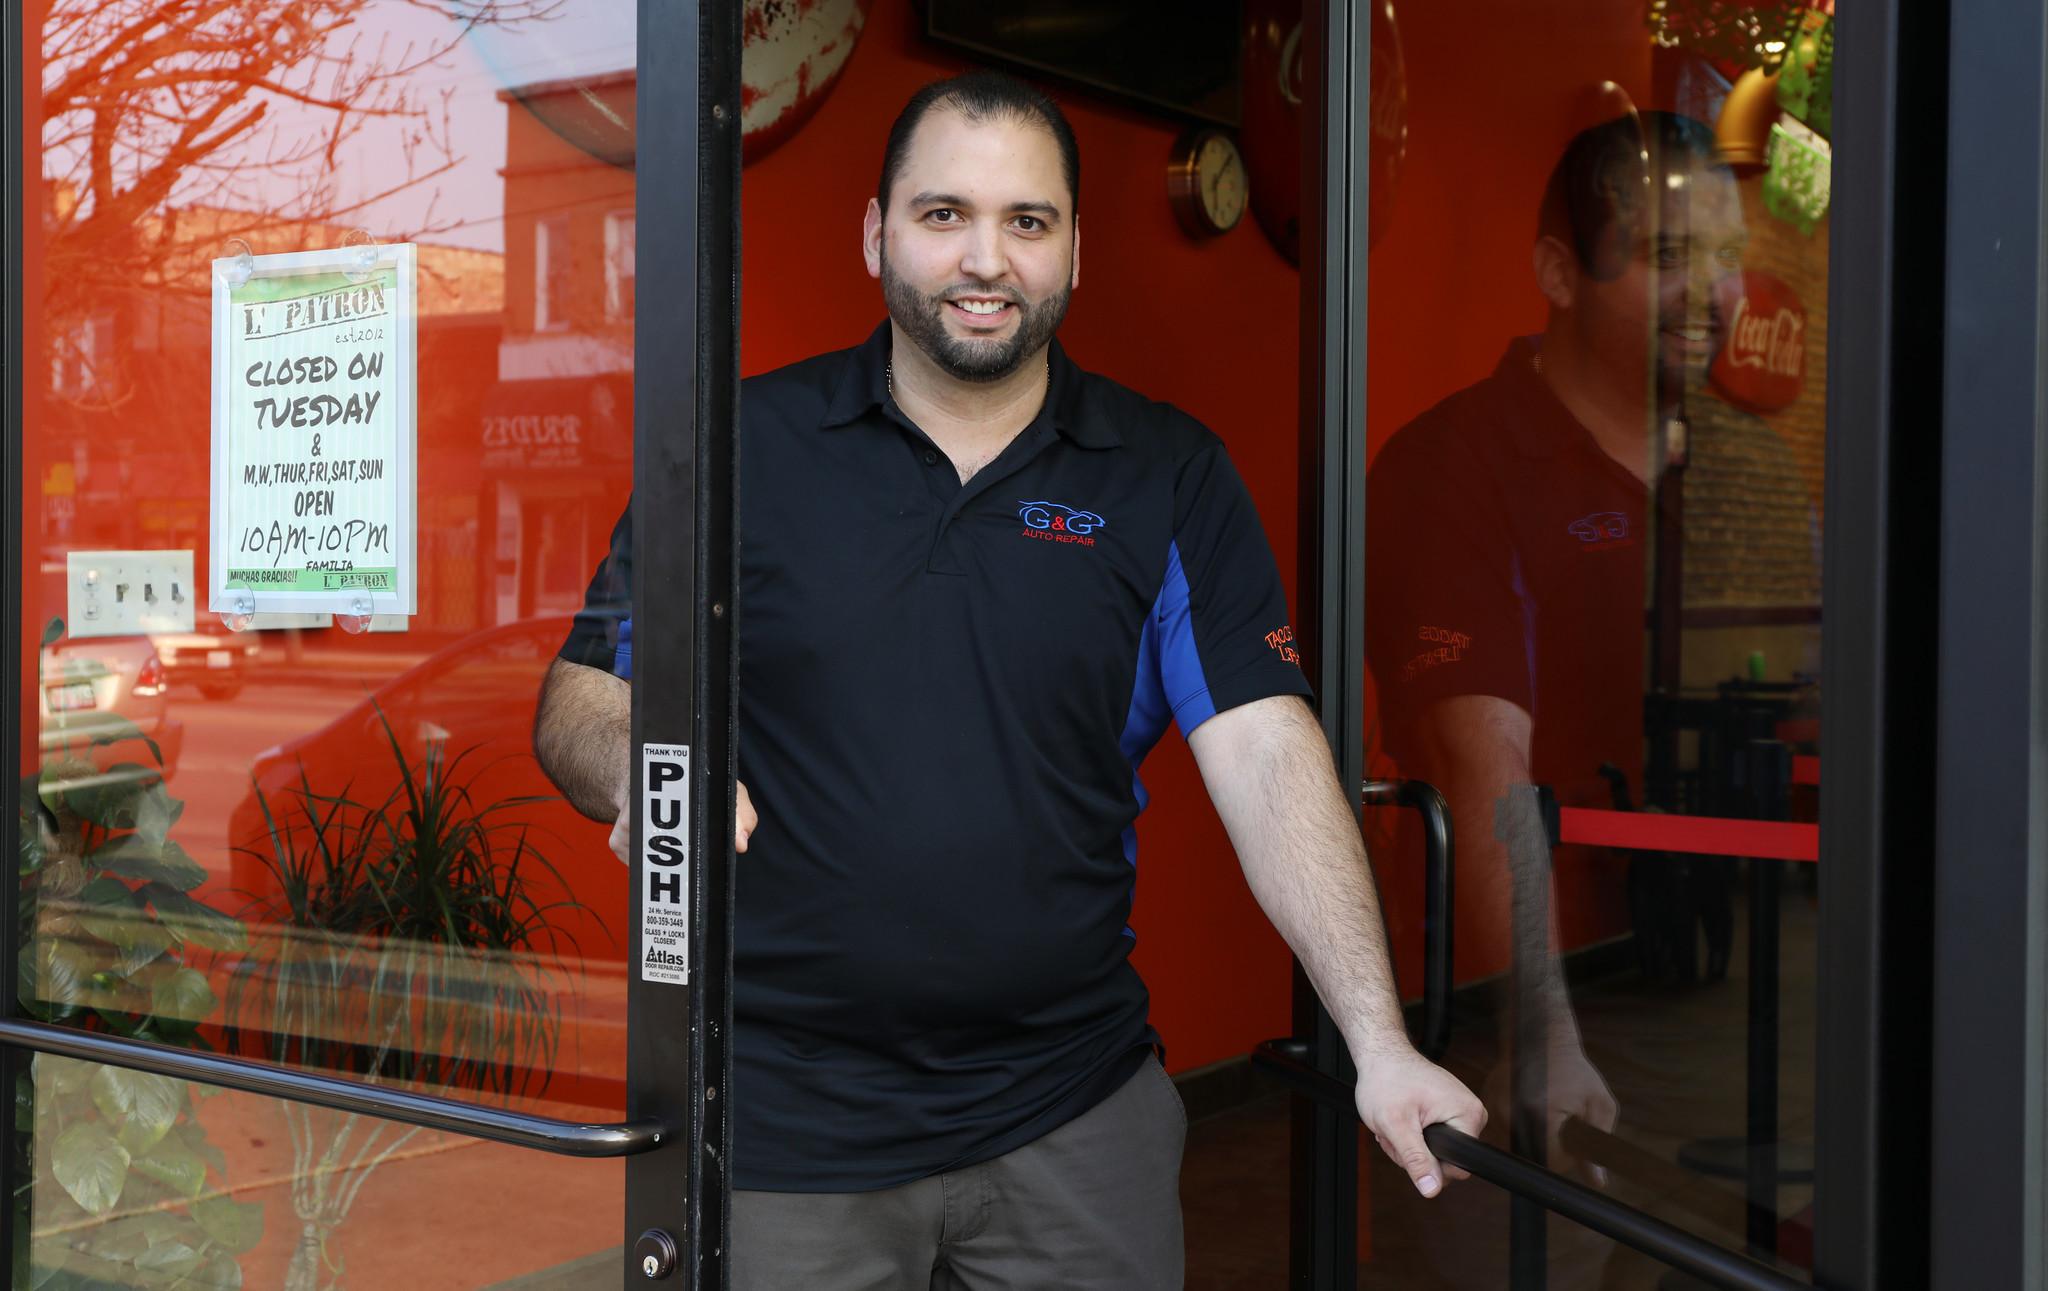 39 la gente est asustada 39 due os de restaurantes explican for Esta abierto hoy la maquinista